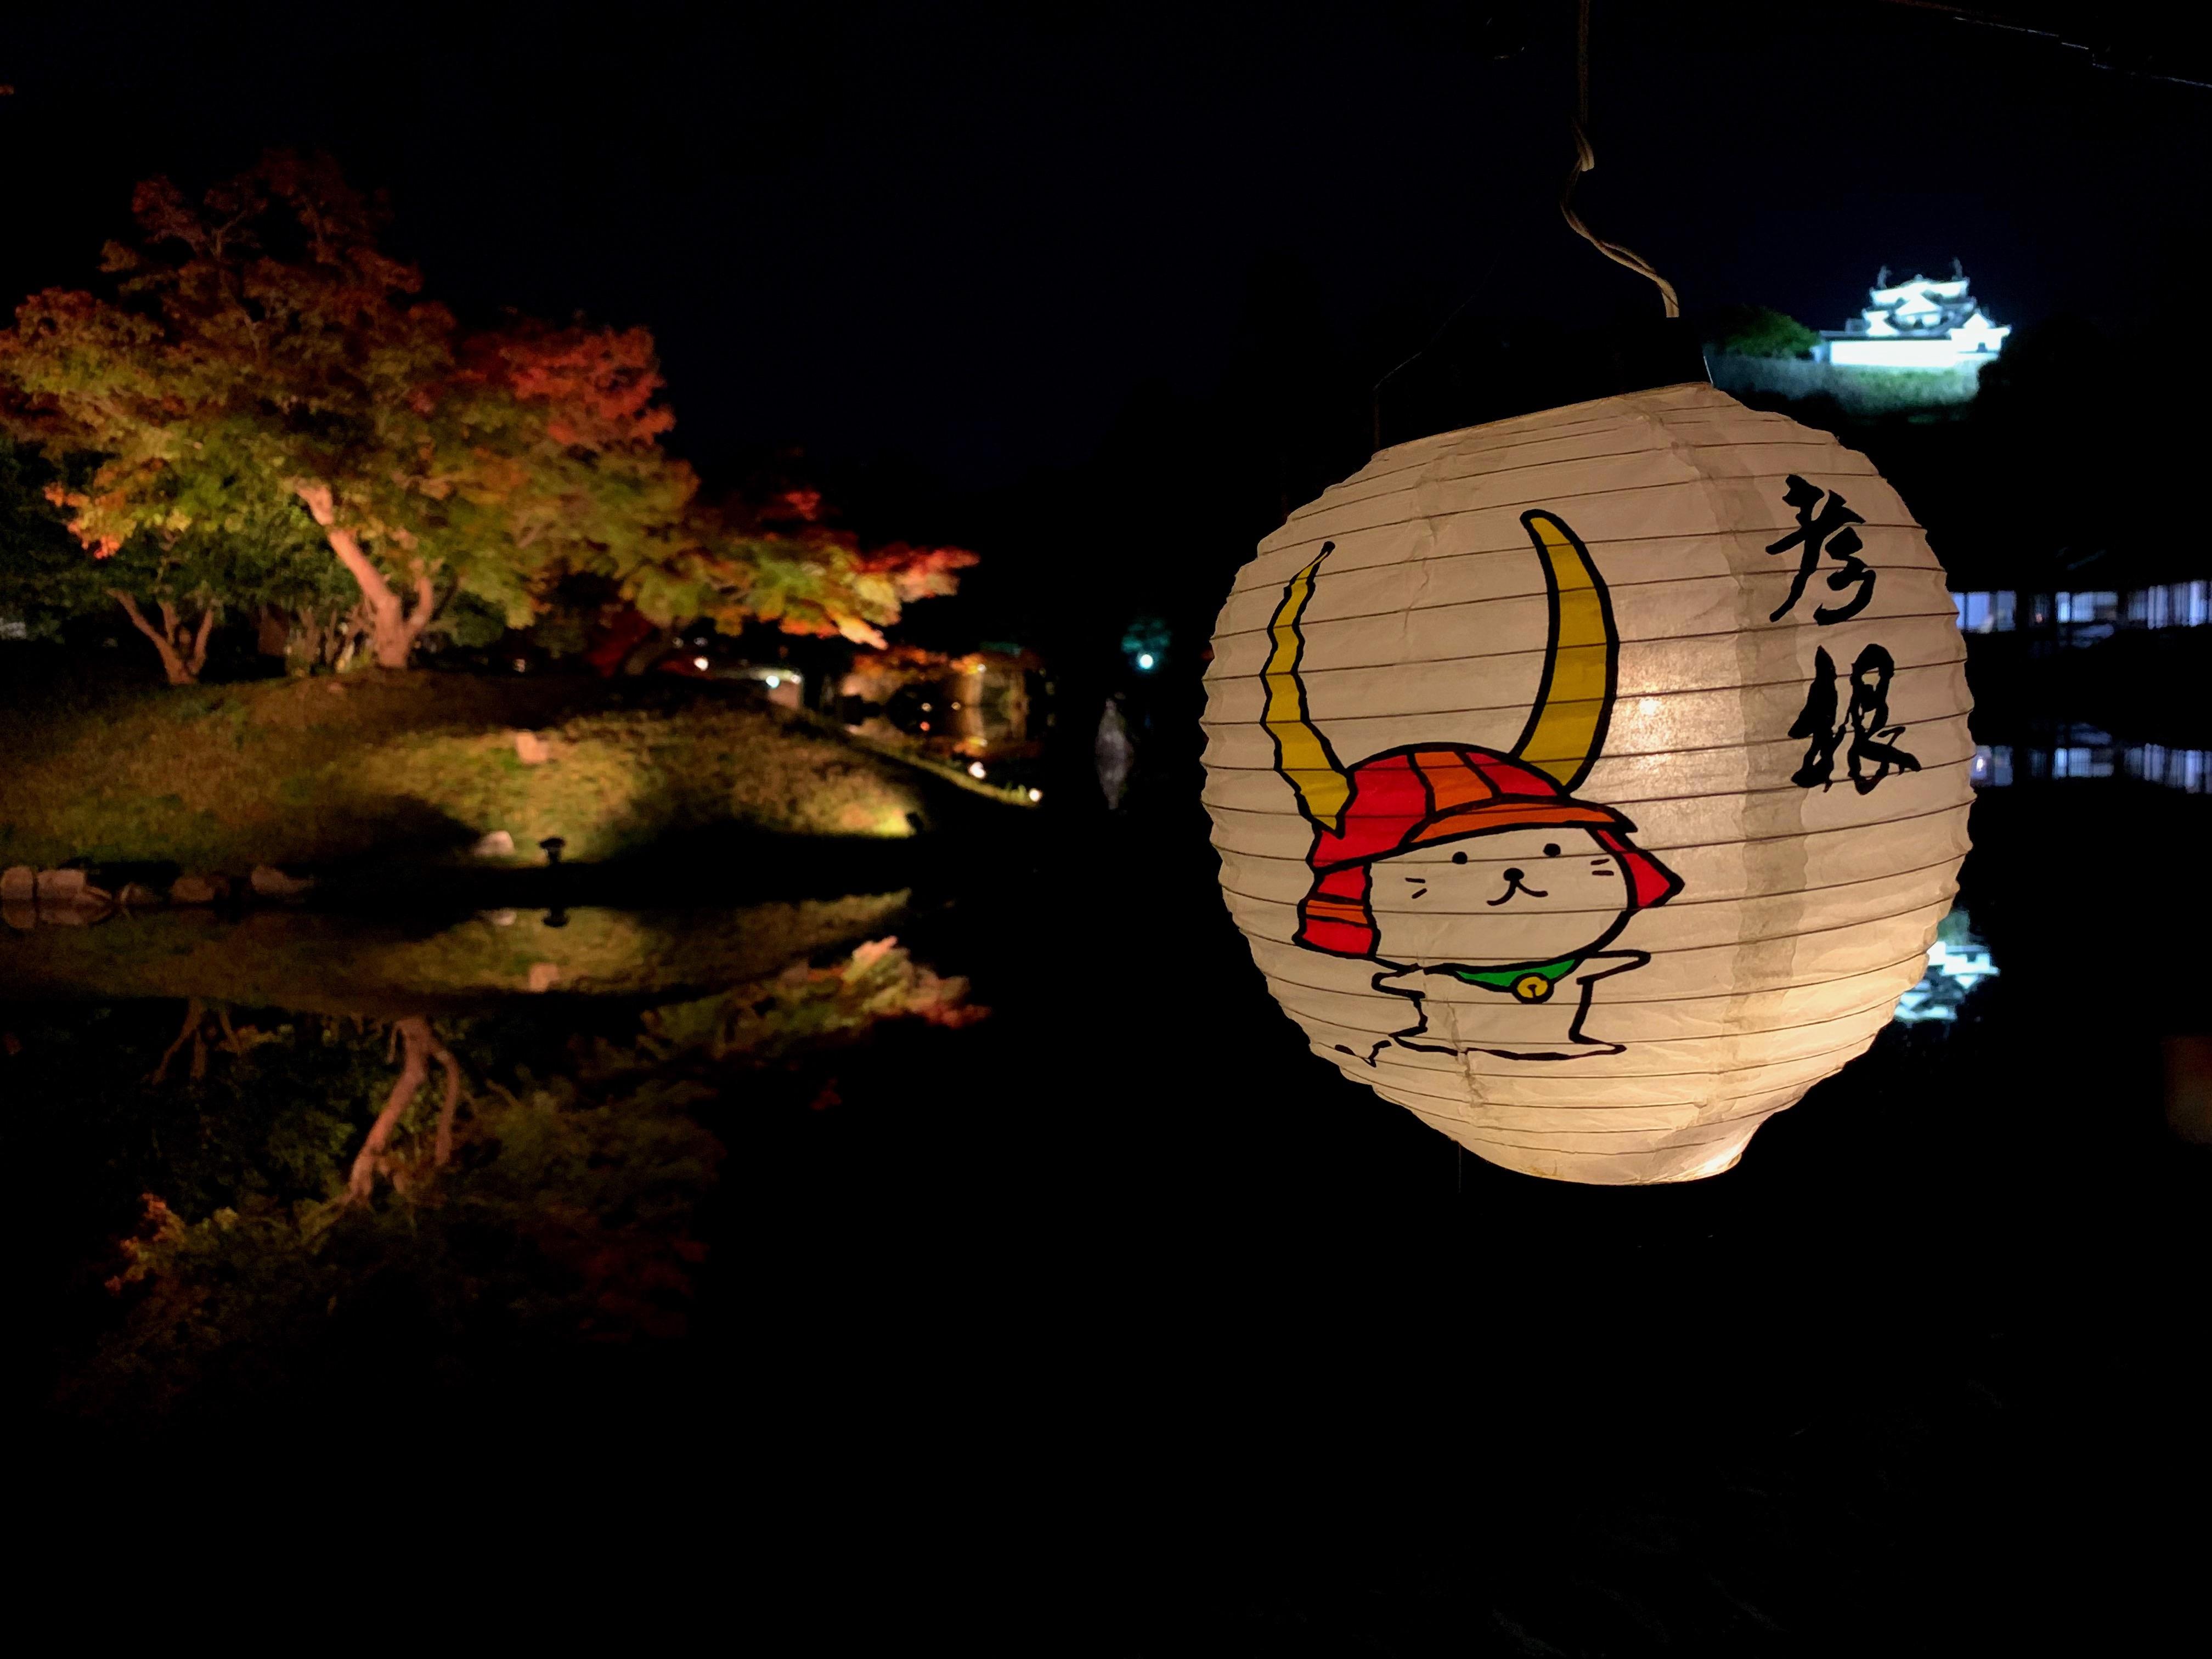 錦秋の玄宮園ライトアップとひこにゃんの提灯